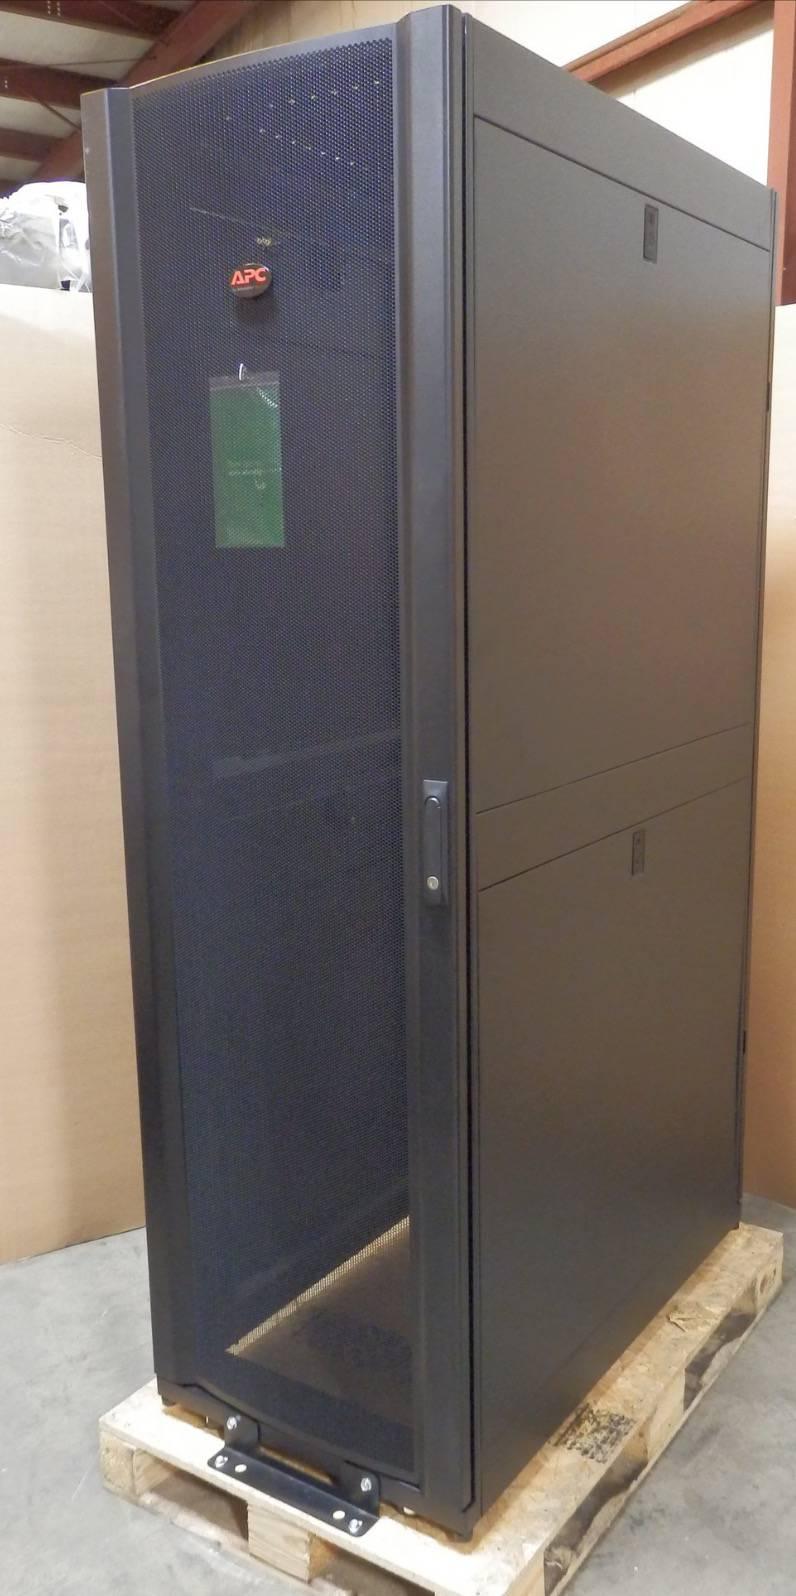 Tủ rack tủ mạng APC nhập khẩu